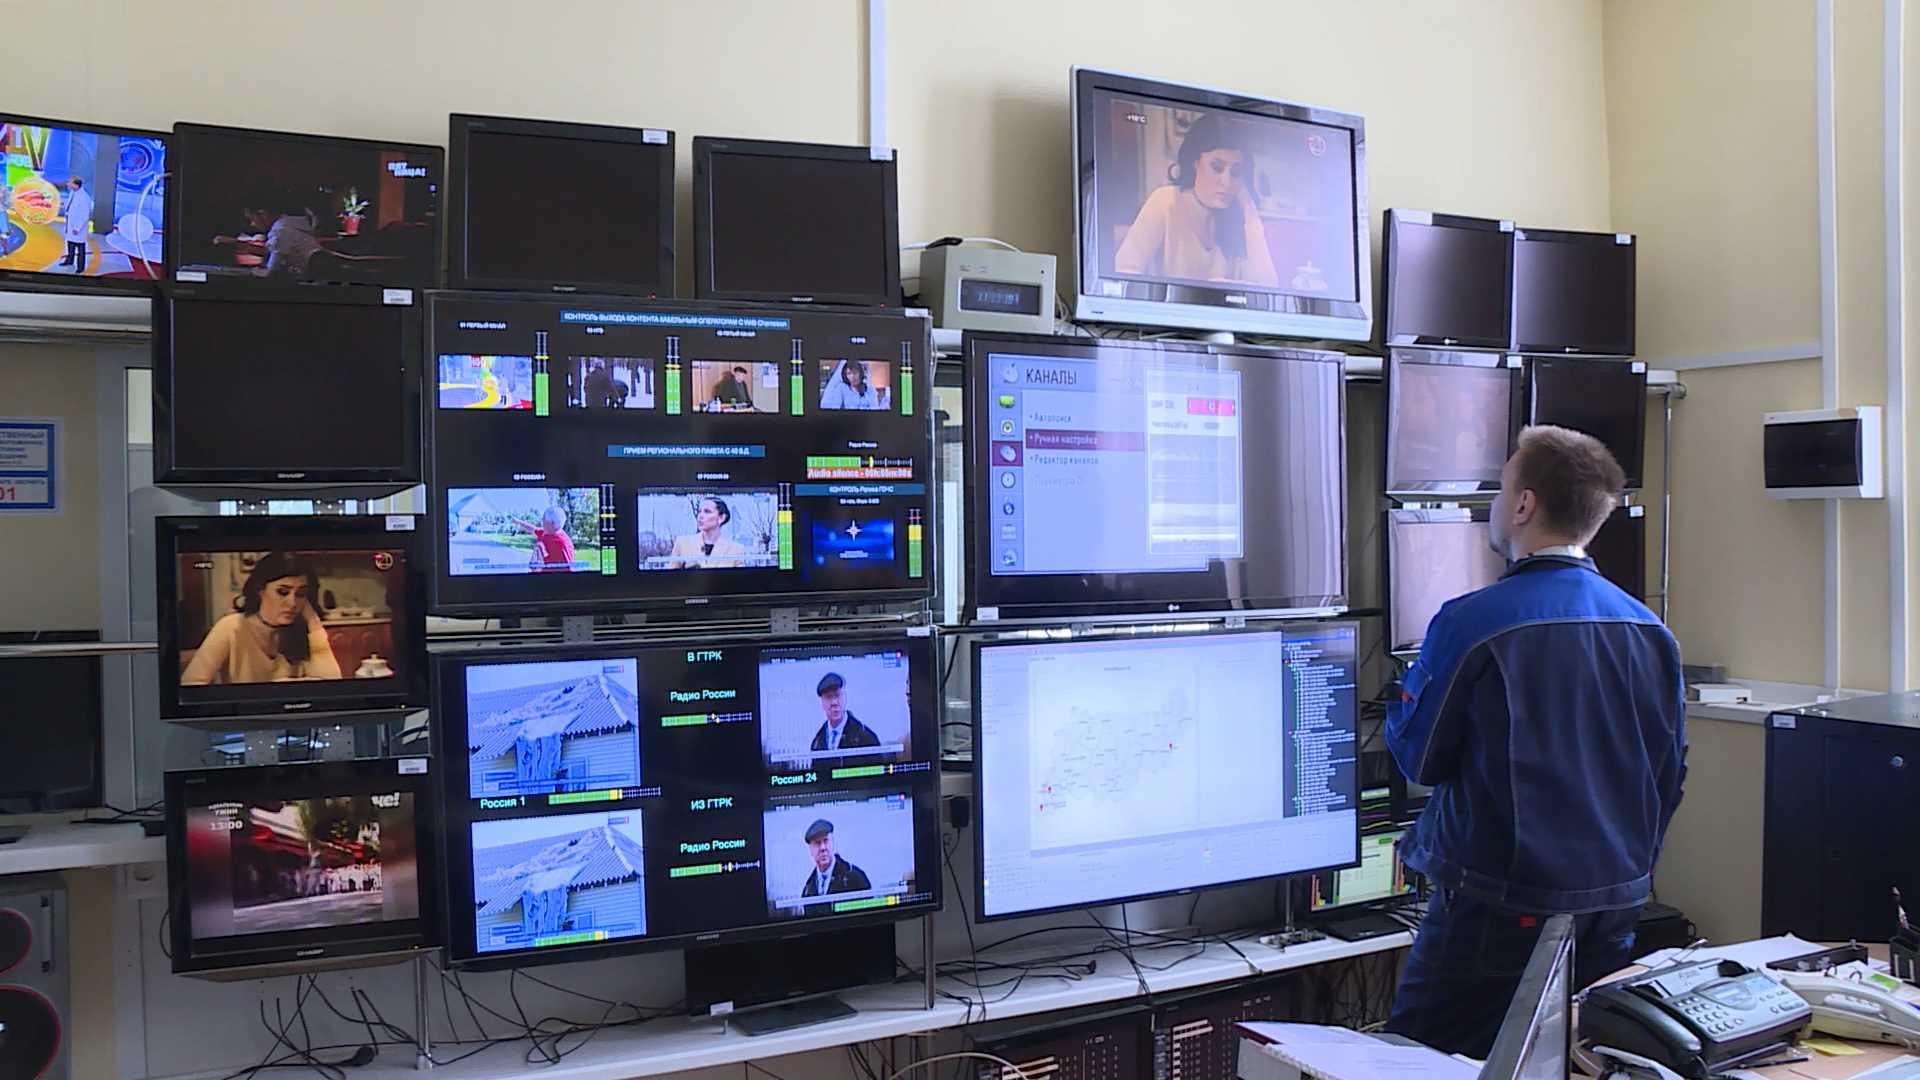 Зрителей северо-востока Костромской области сегодня не увидят телевидения